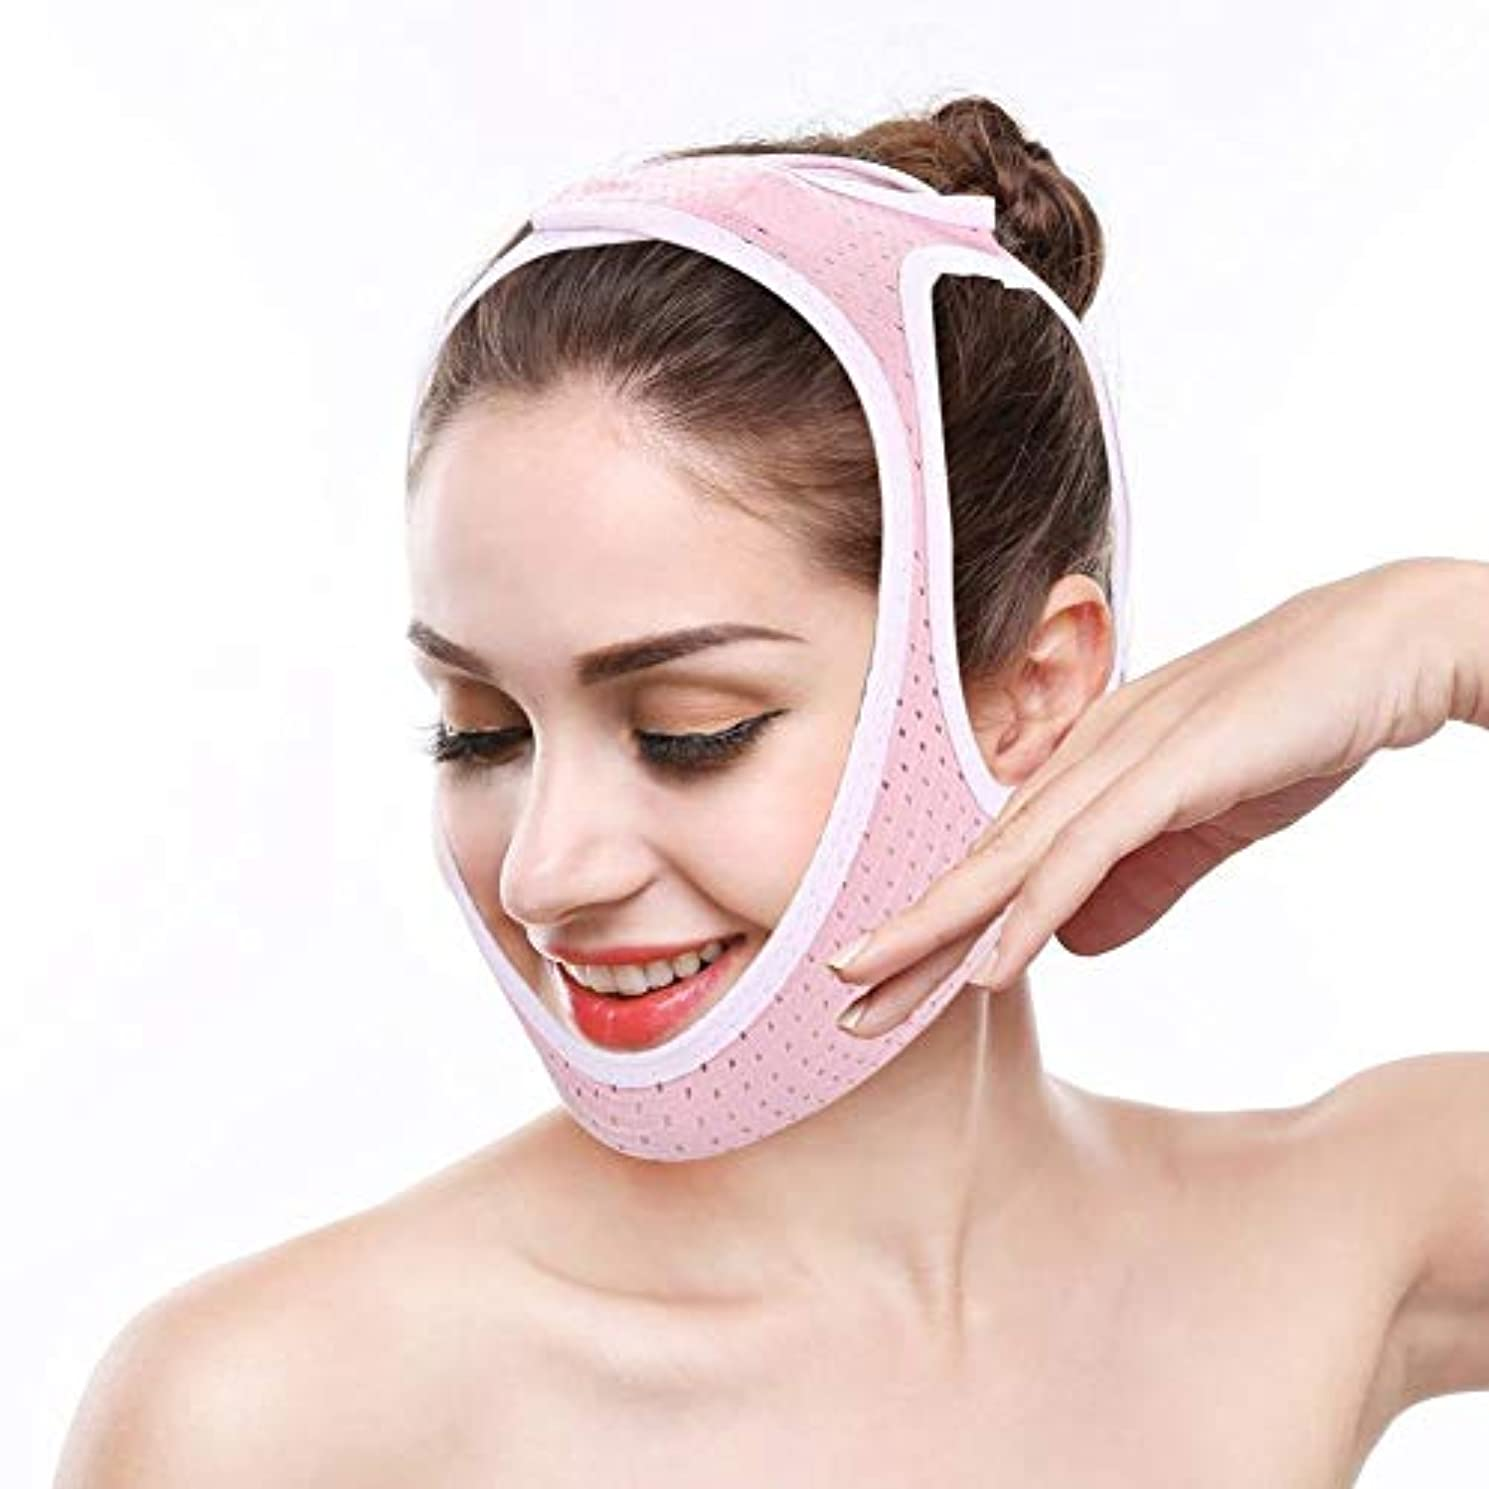 教育者オーブンスラム街二重あごを減らすための減量用フェイスマスク、減量用フェイスマスク(L)